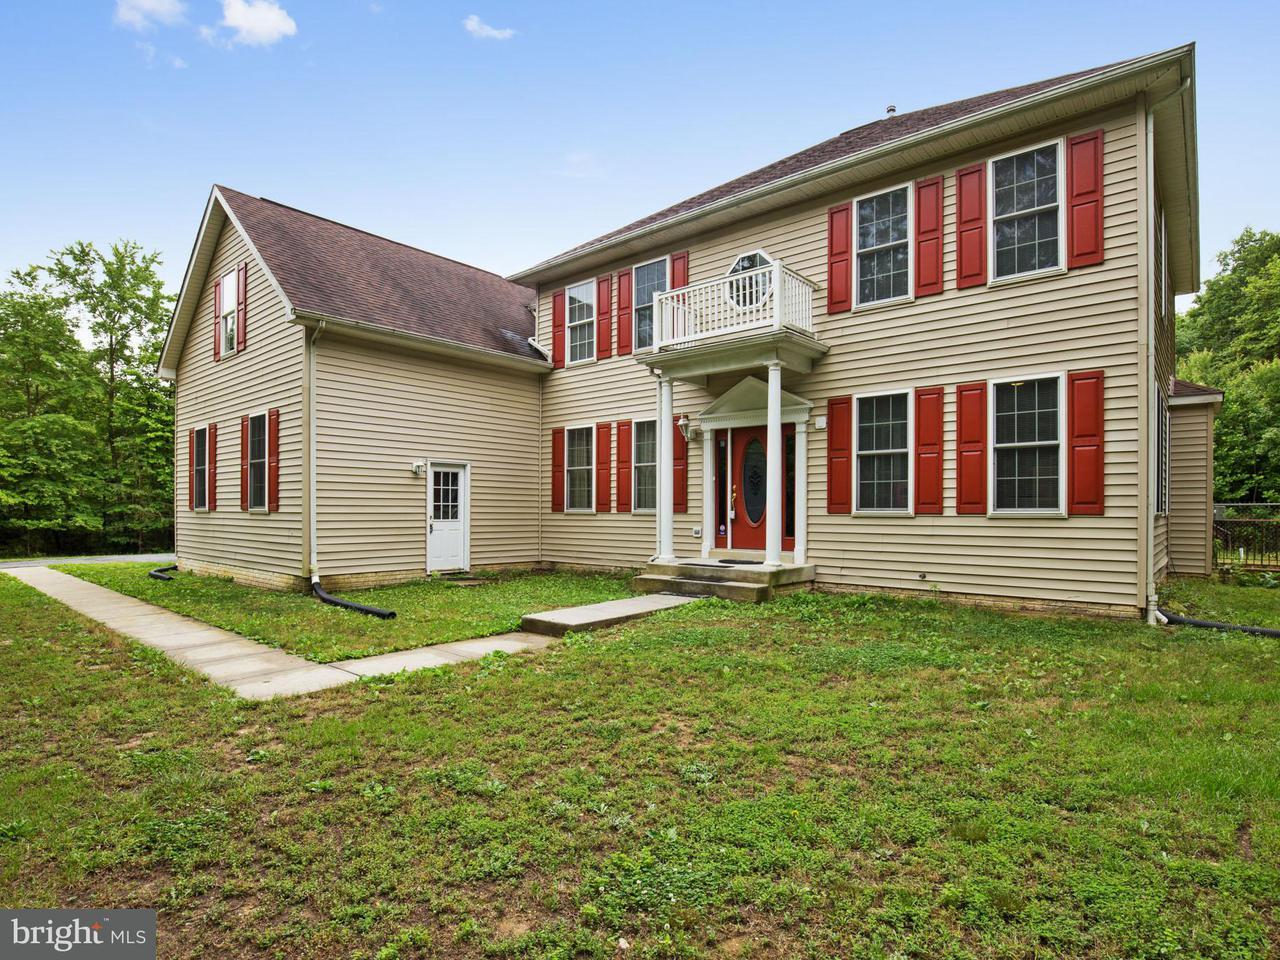 Maison unifamiliale pour l Vente à 15477 BADEN WESTWOOD Road 15477 BADEN WESTWOOD Road Brandywine, Maryland 20613 États-Unis